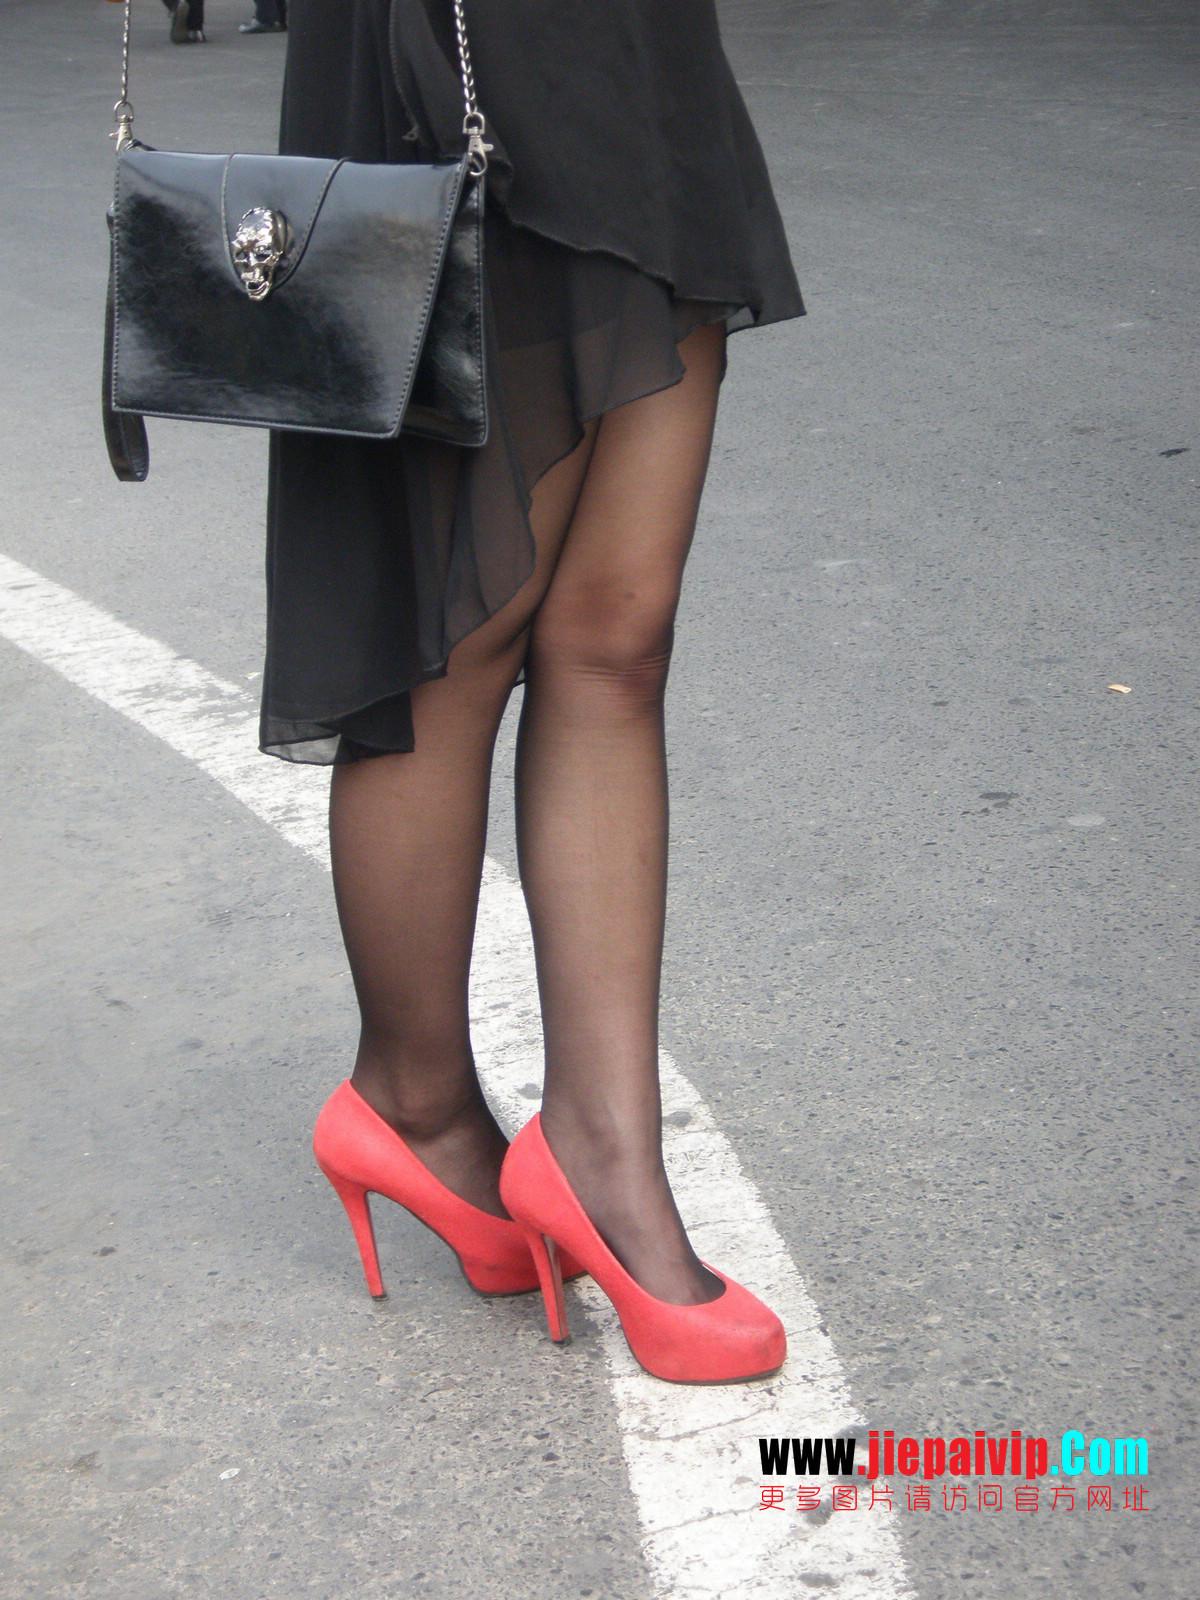 性感的红色高跟鞋黑丝袜美腿女人15